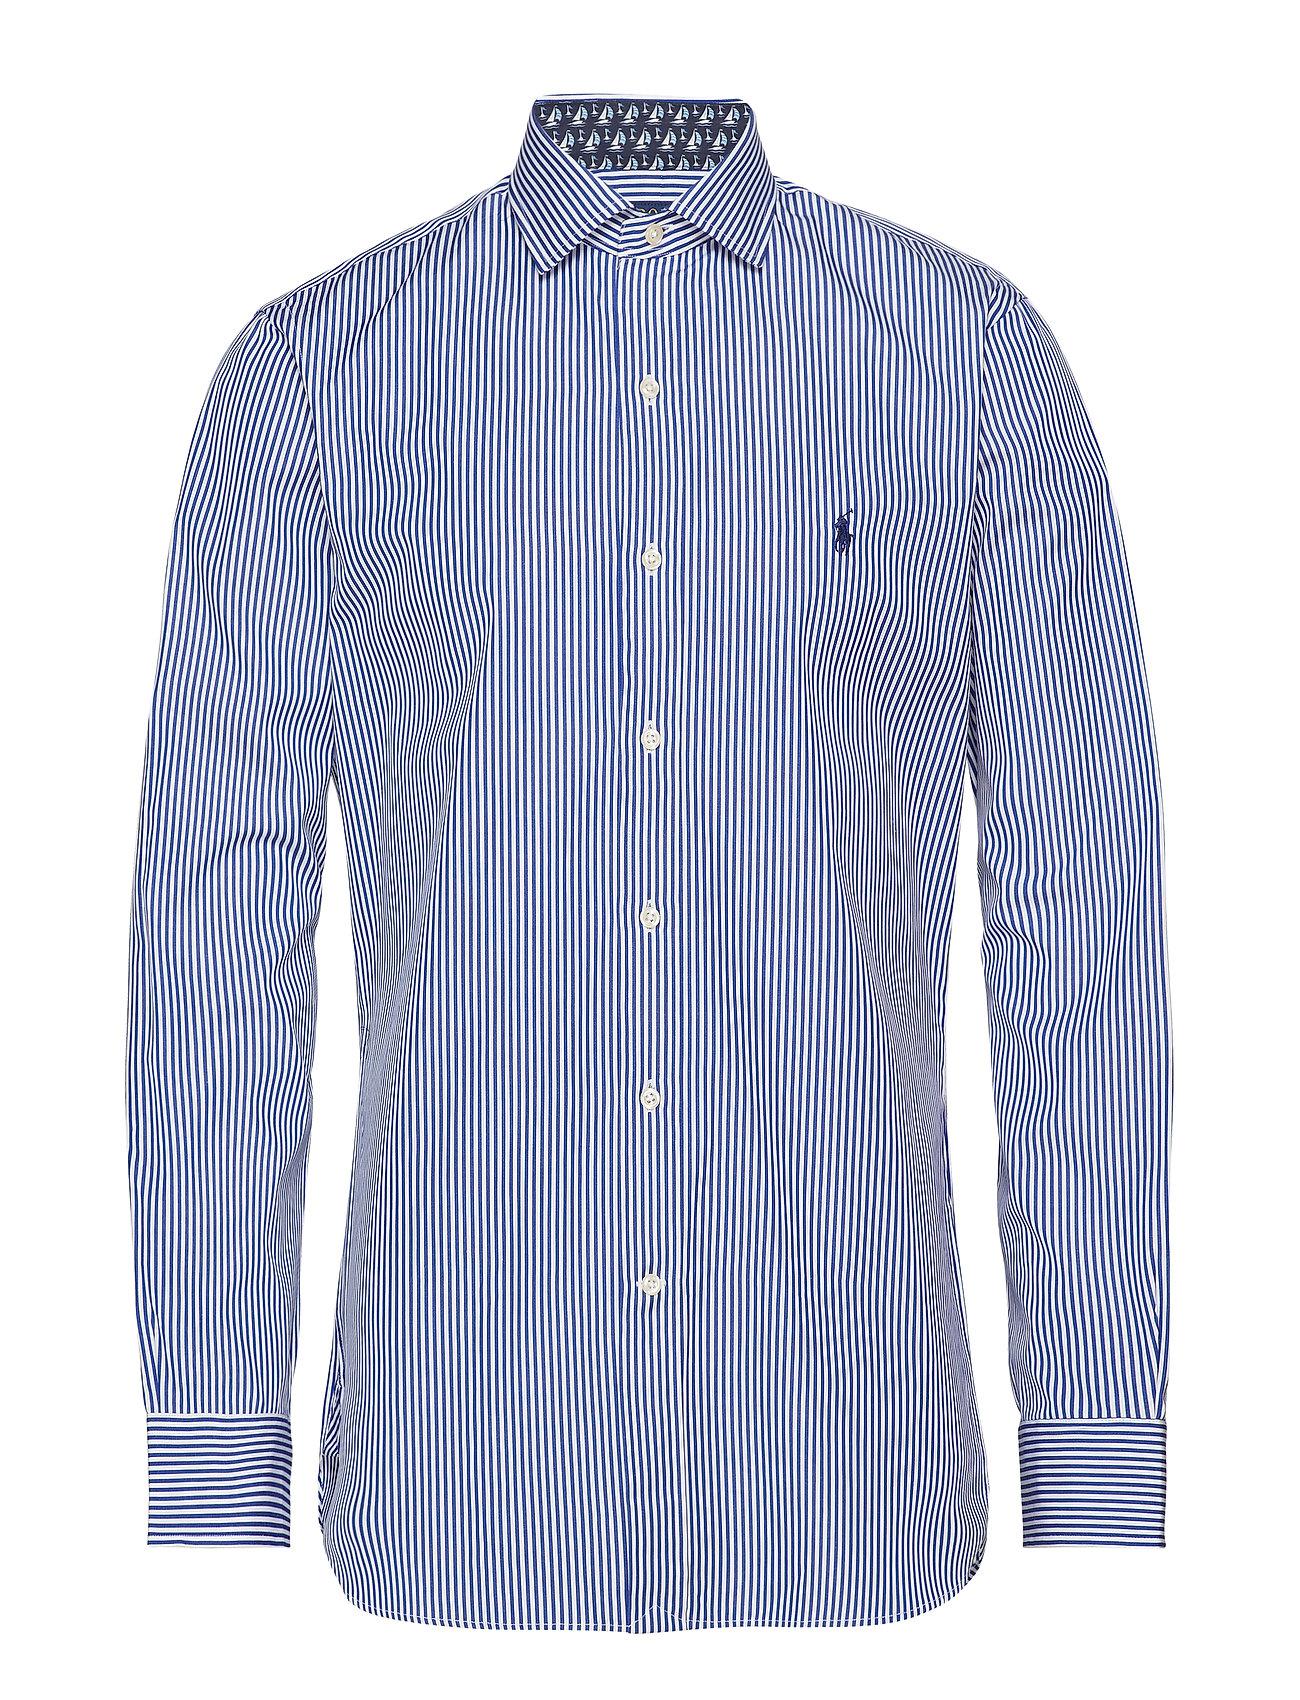 Polo Ralph Lauren S EST PPC NK-DRESS SHIRT